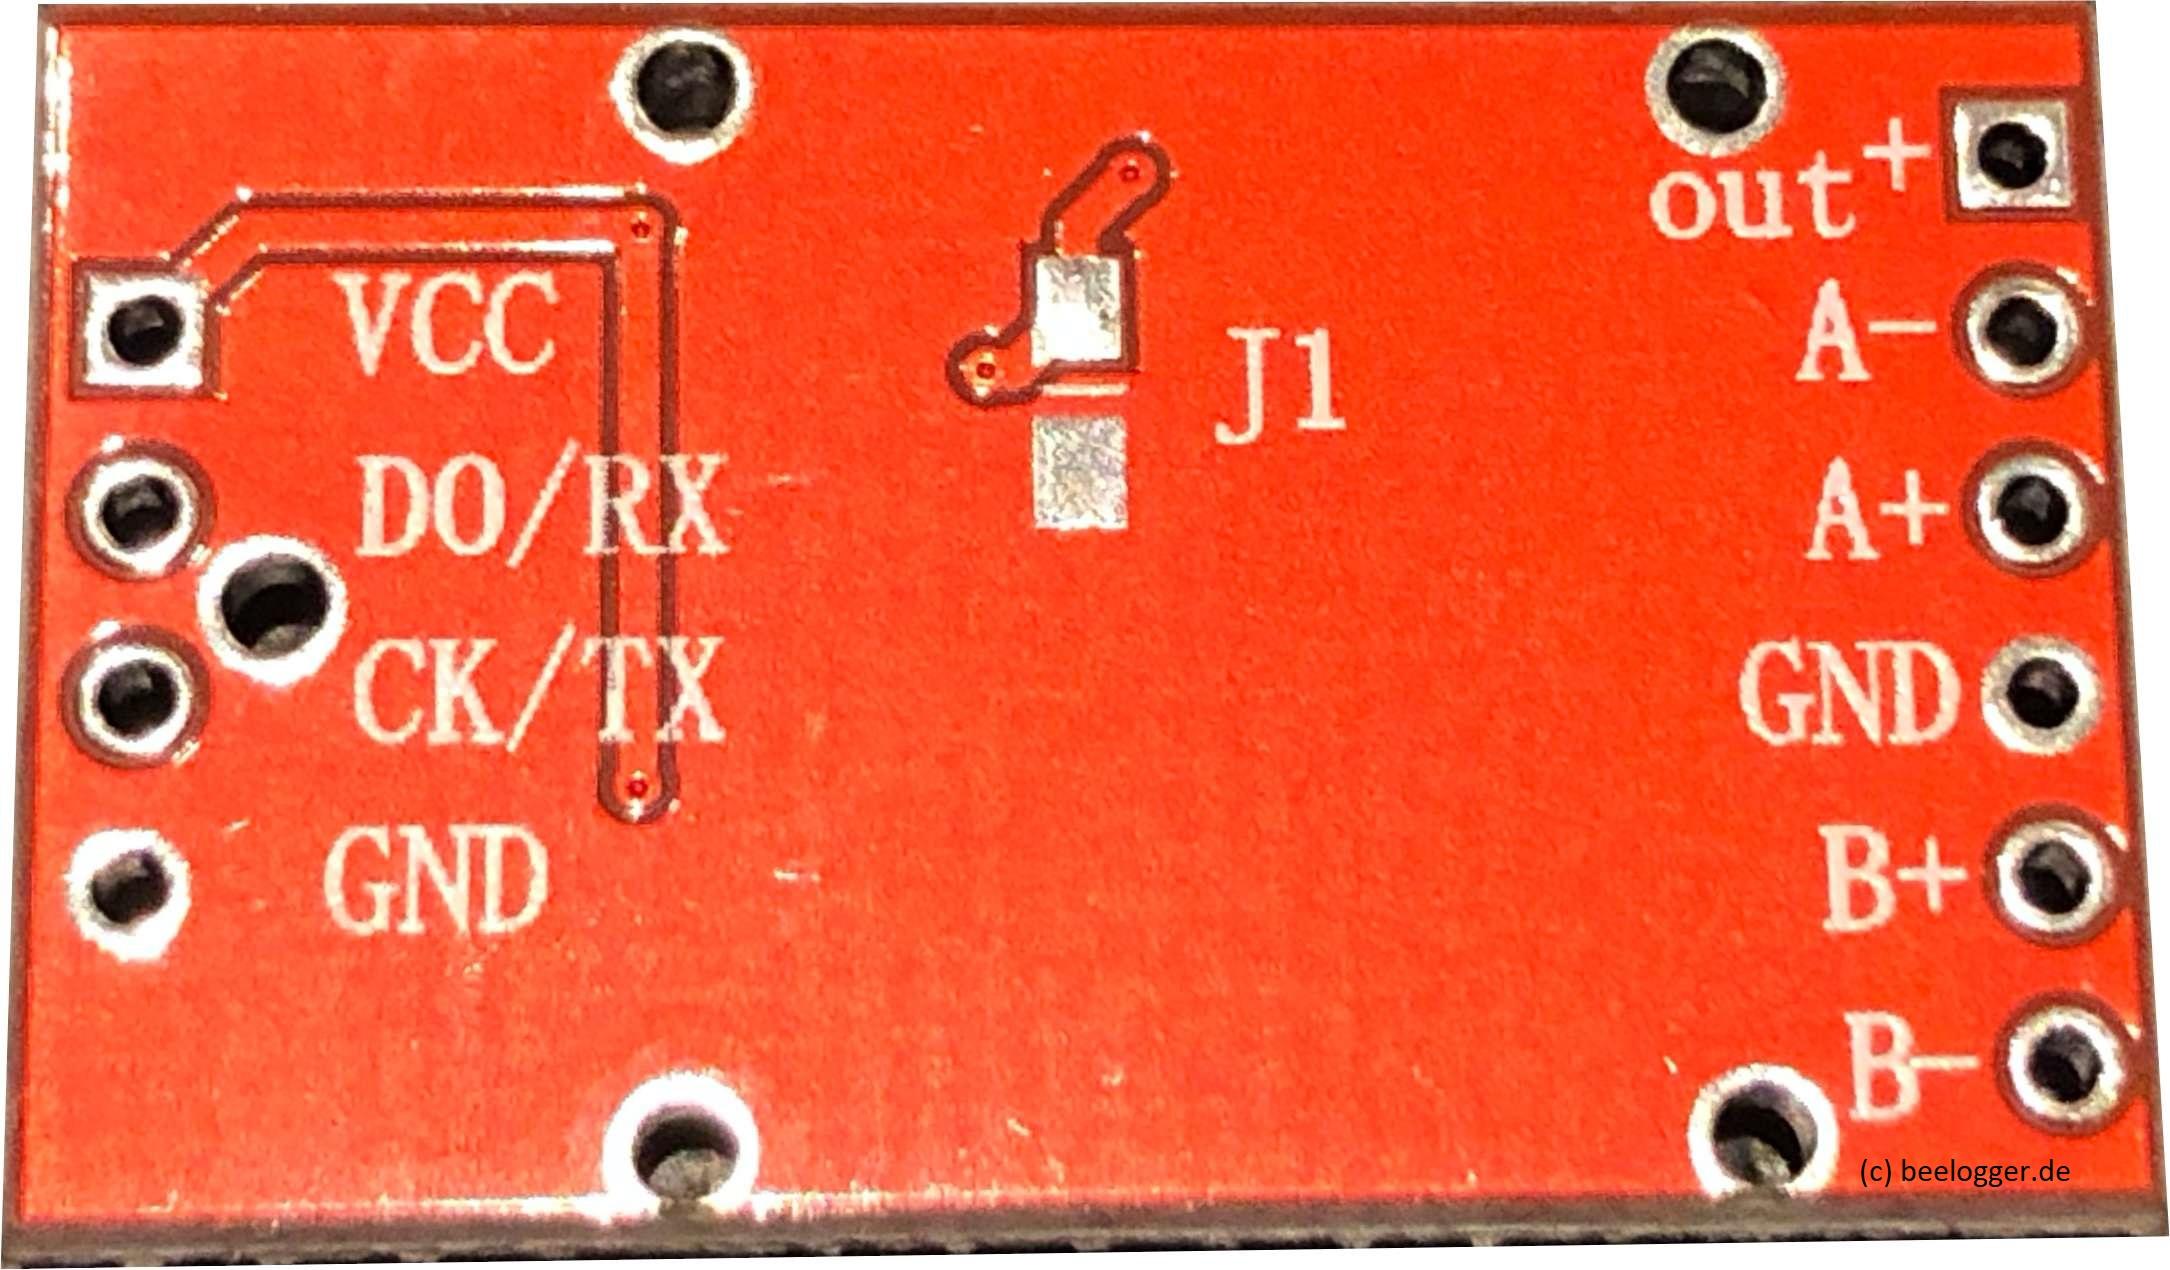 HX711Platine, rot mit vollständiger Bestückung beider Kanäle, hier Bild der Rückseite